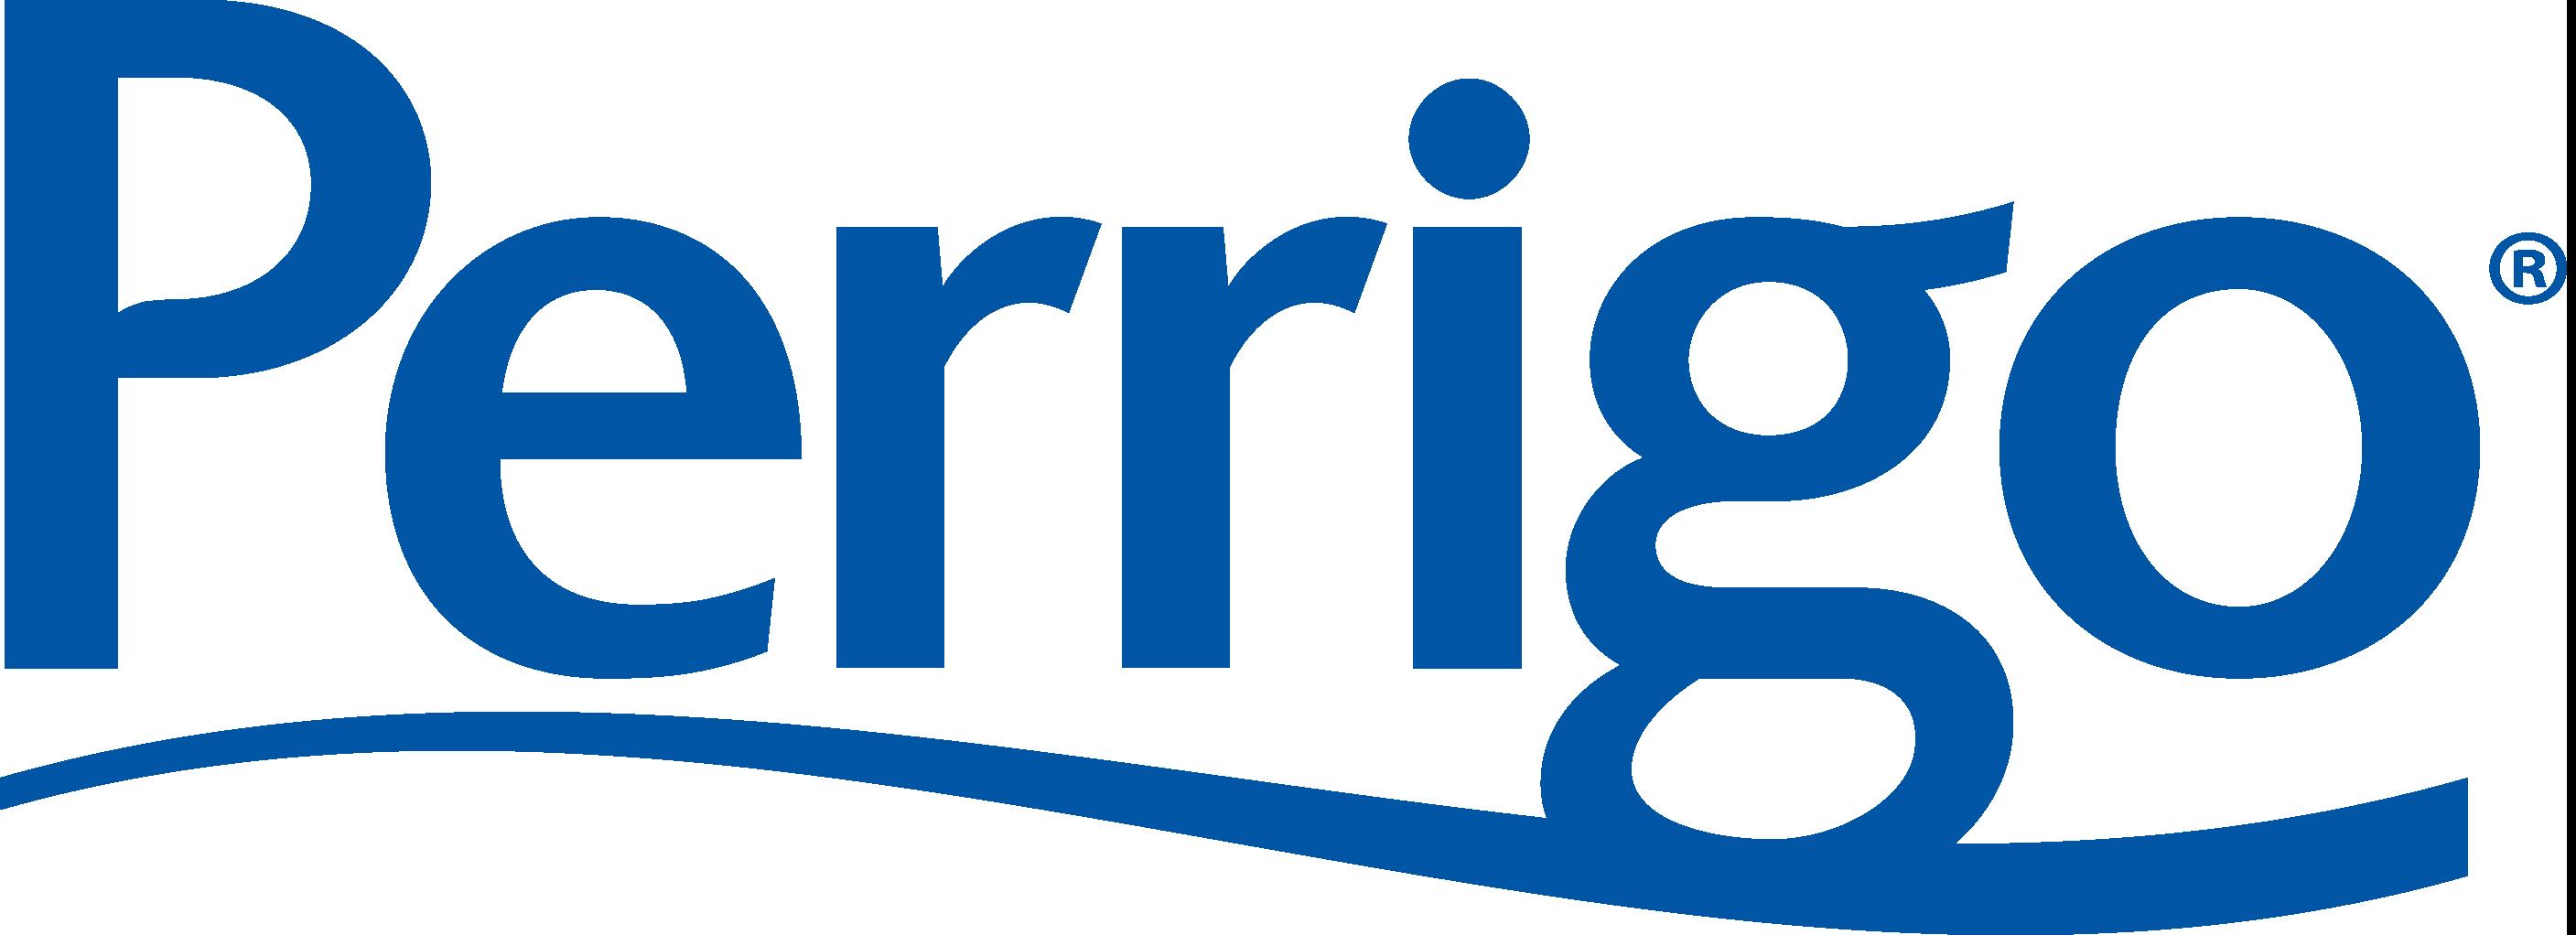 Perrigo